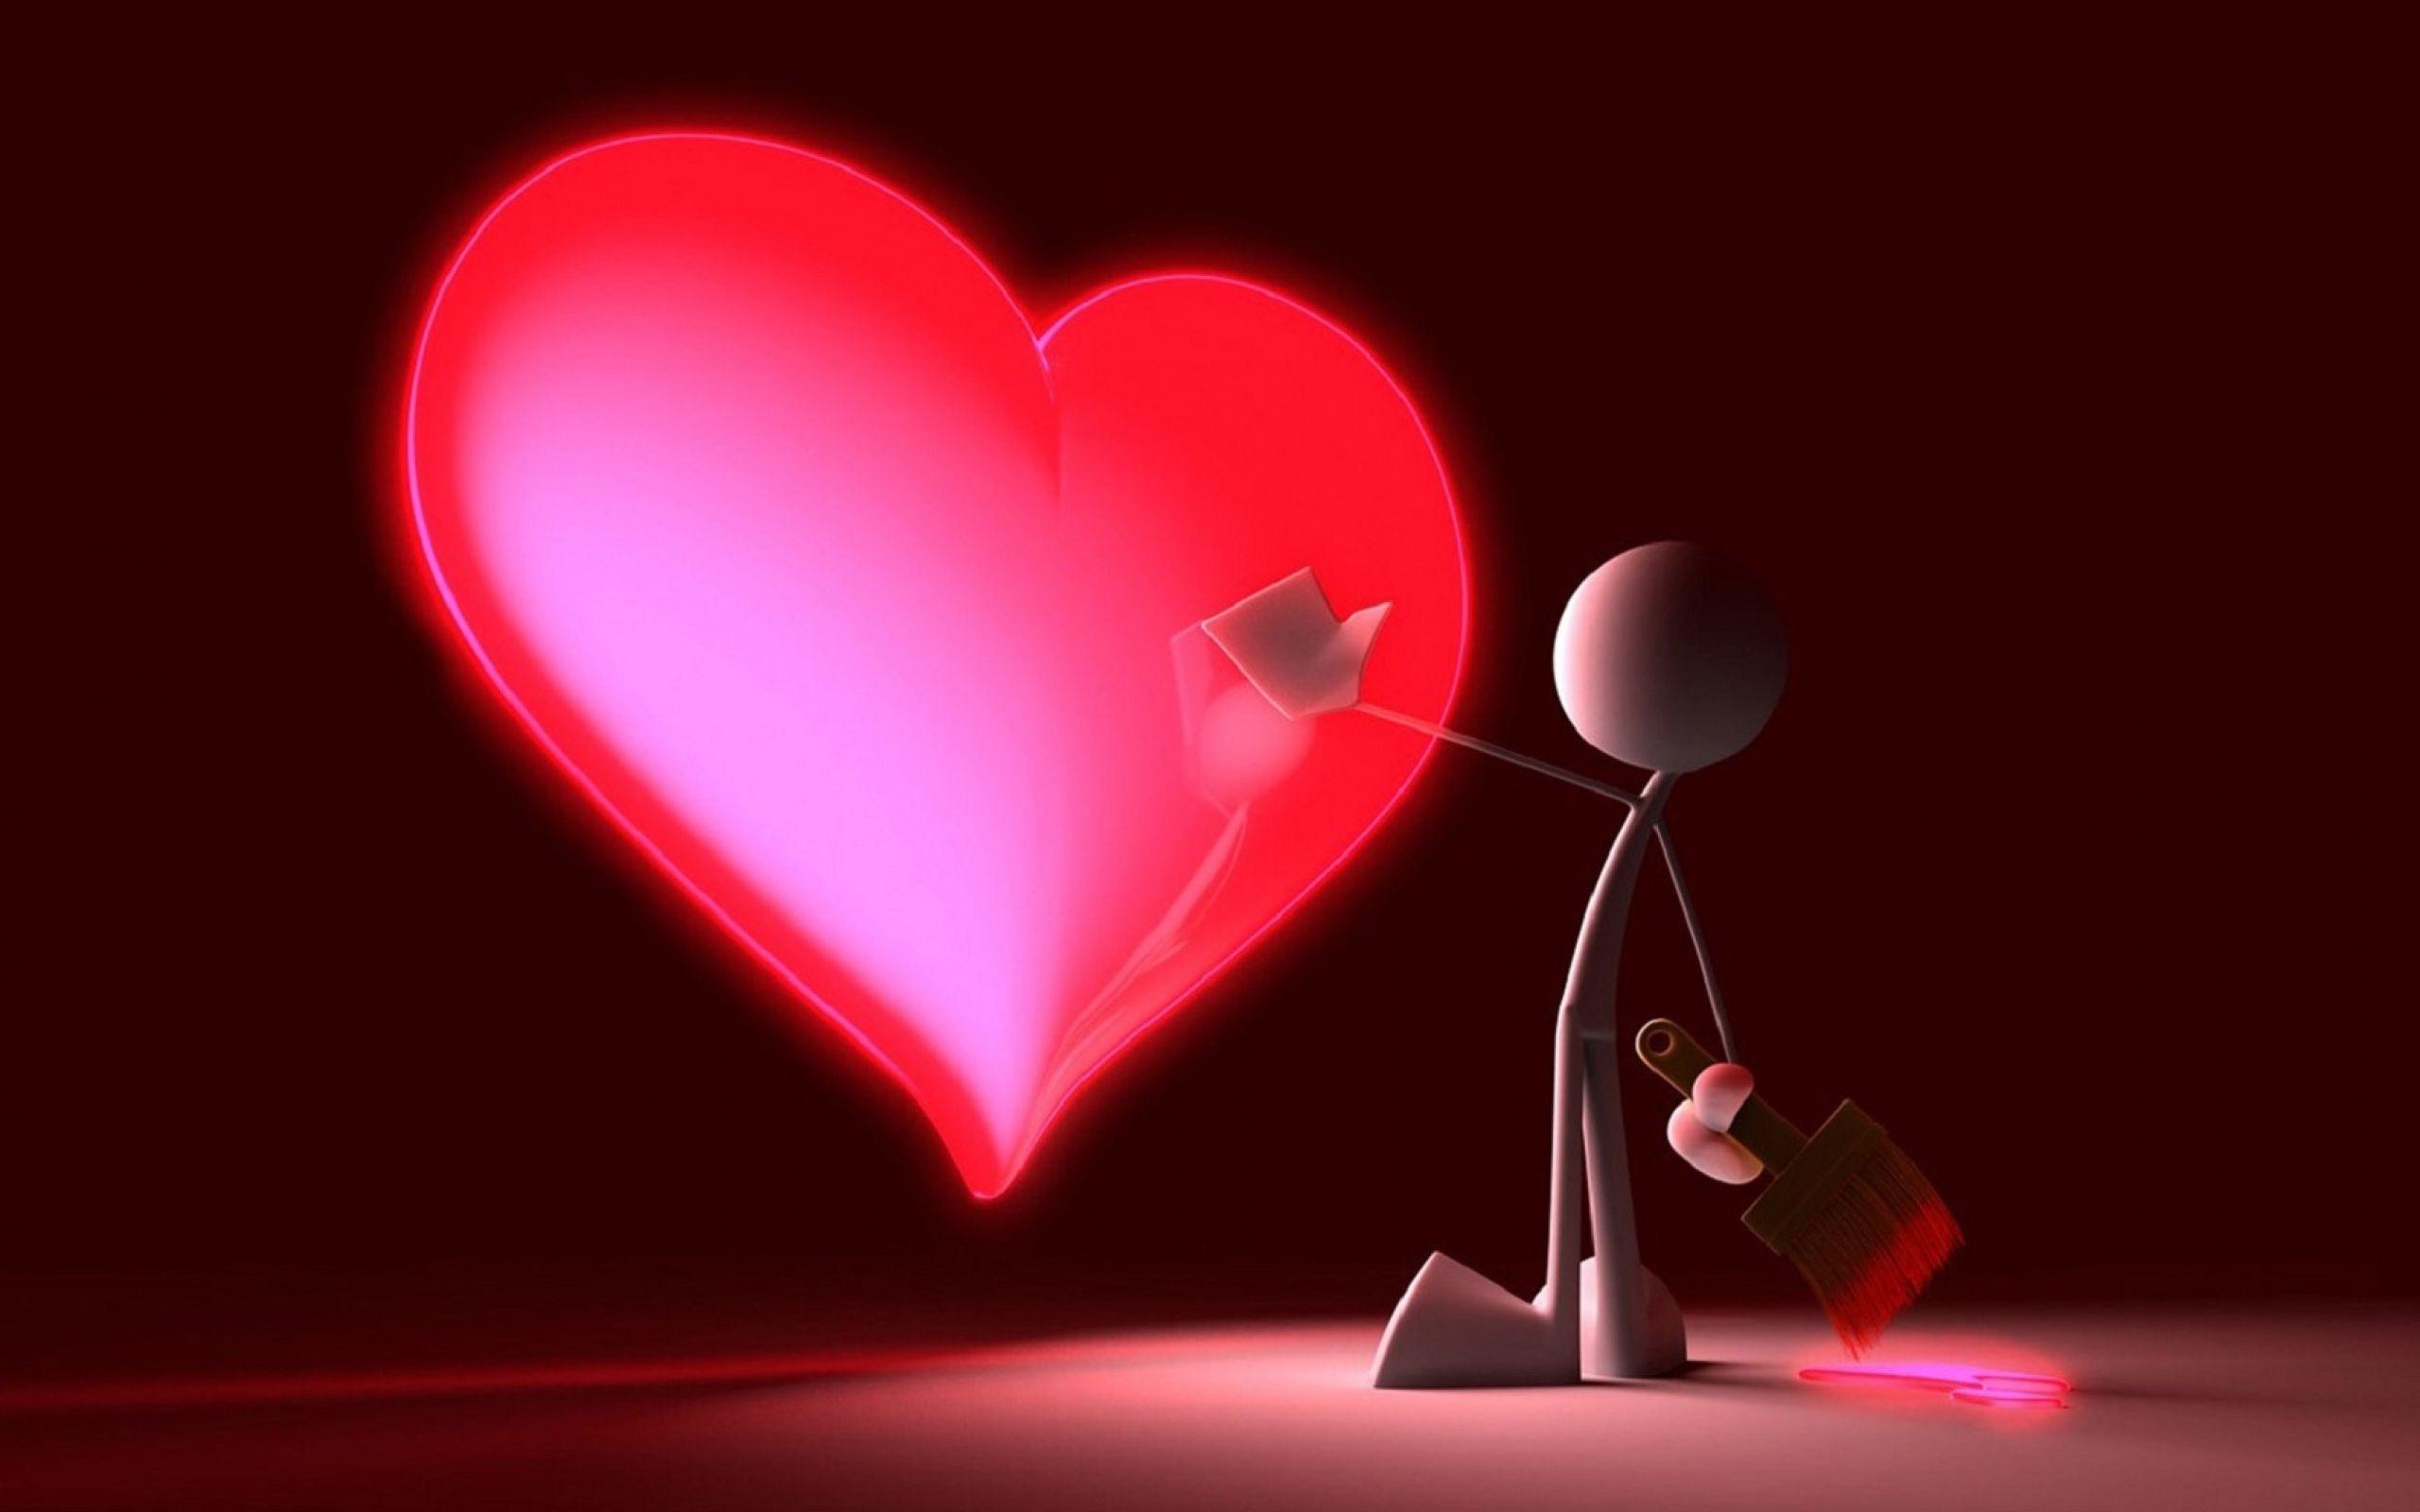 лучшие картинки про любовь